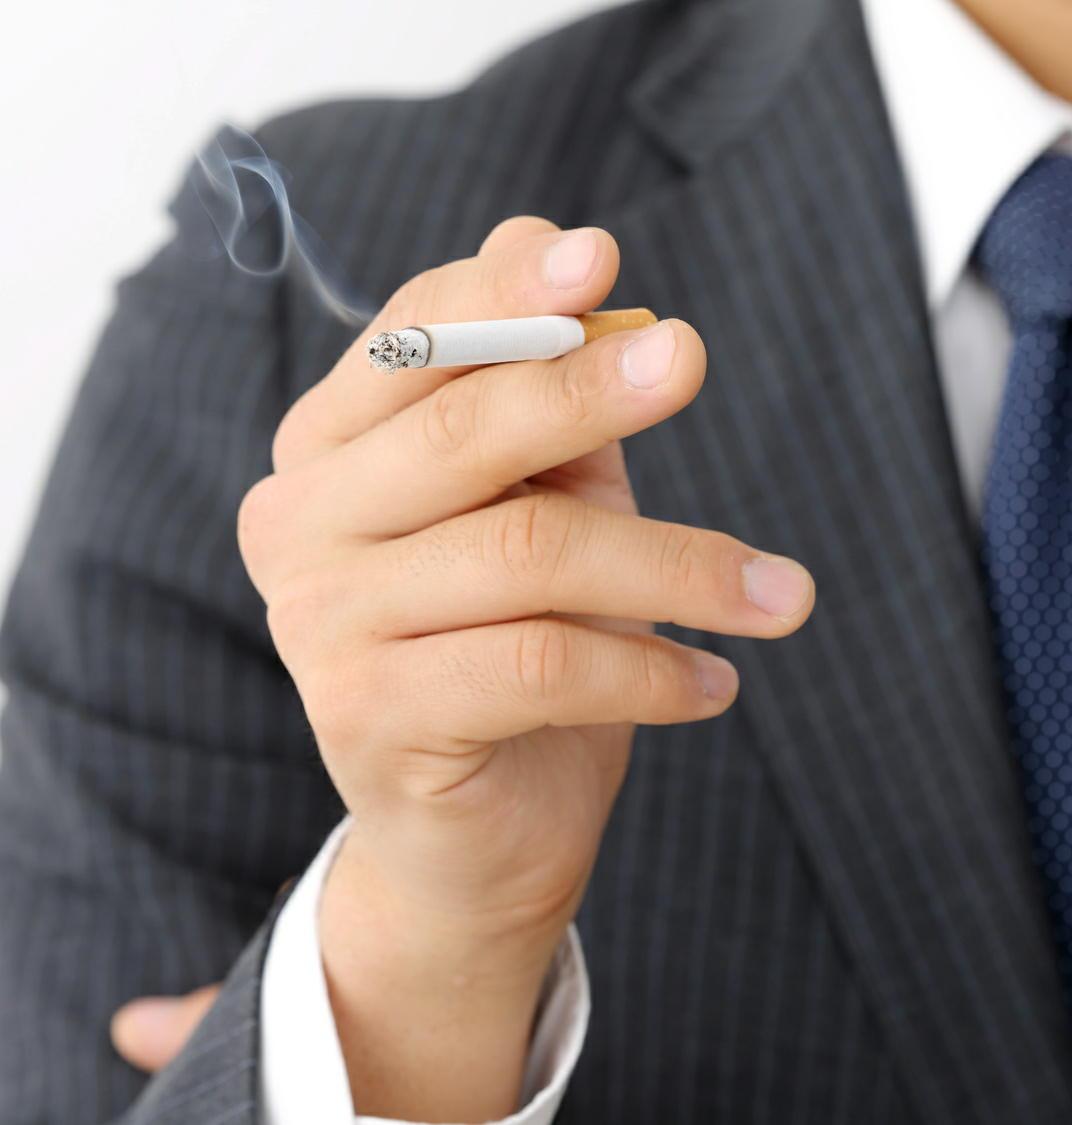 日本人のたばこ依存と関連する遺伝子を発見 心疾患、COPDなど11の病気の発症リスクと相関 理化学研究所